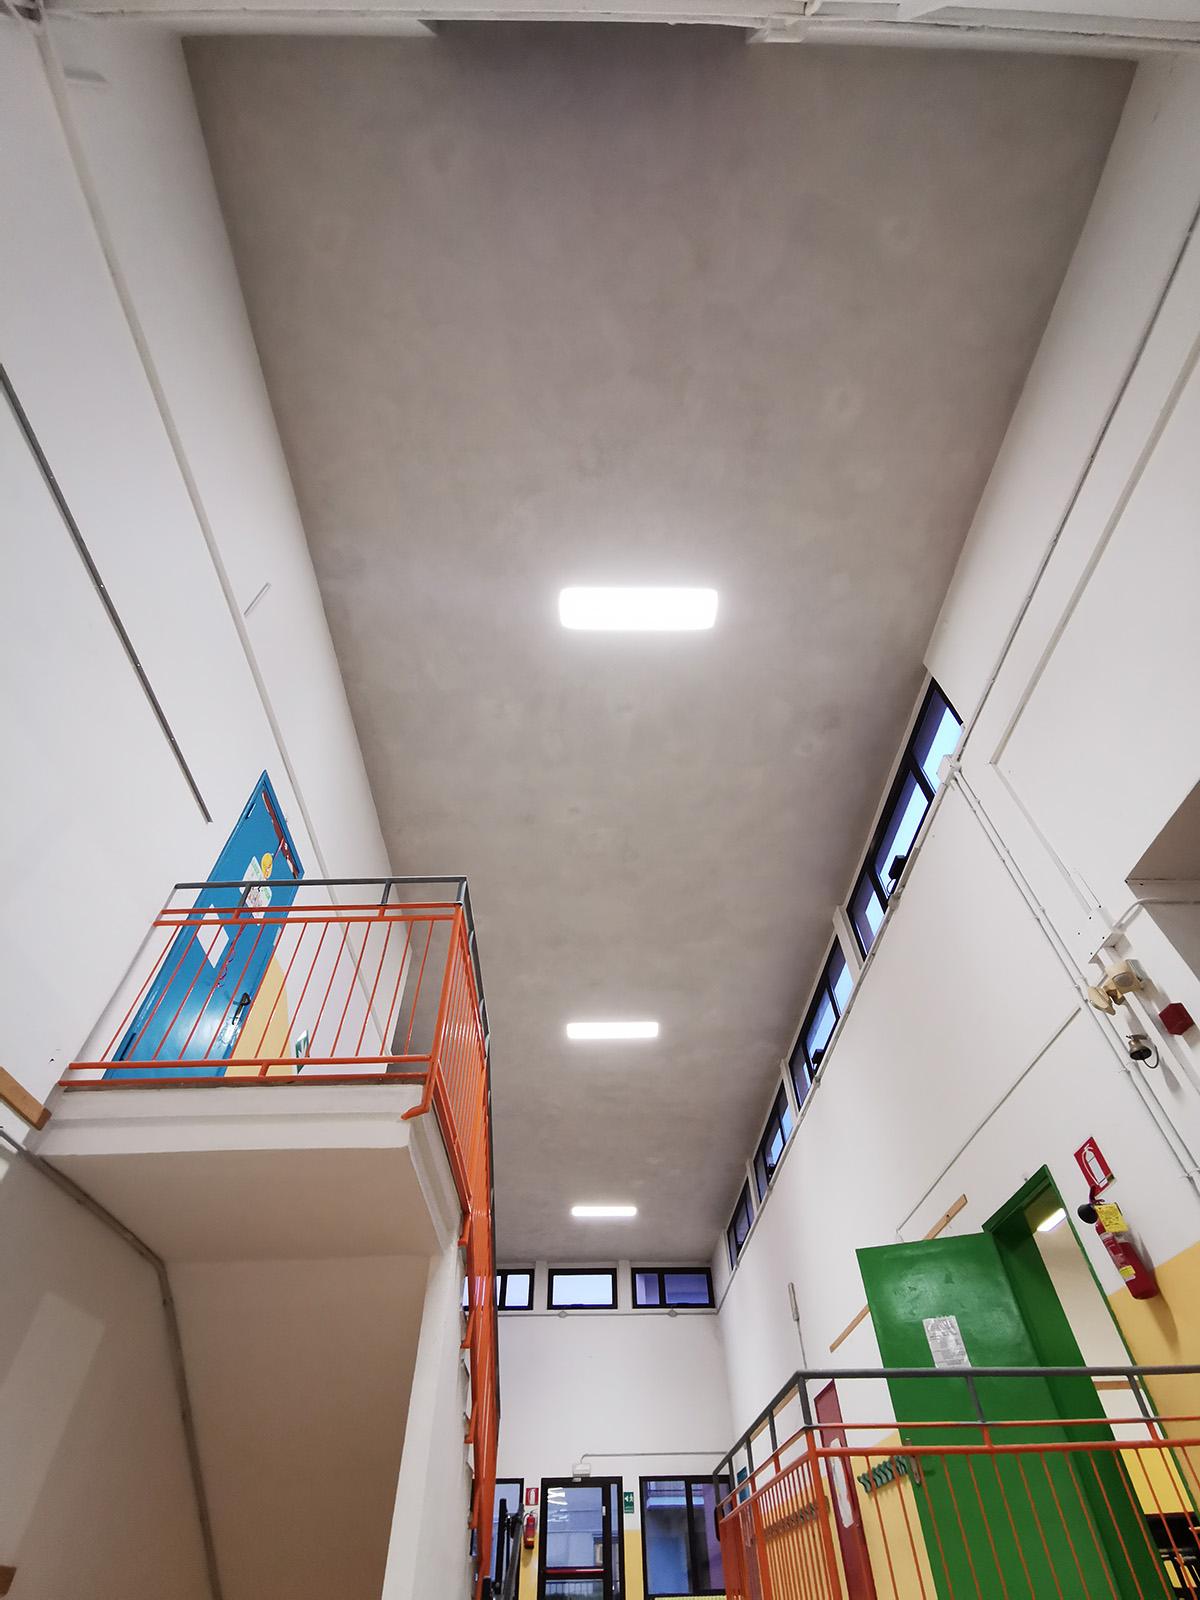 Perico-Renato-Mozzo (BG) - Scuola comunale - Antisfondellamento 14